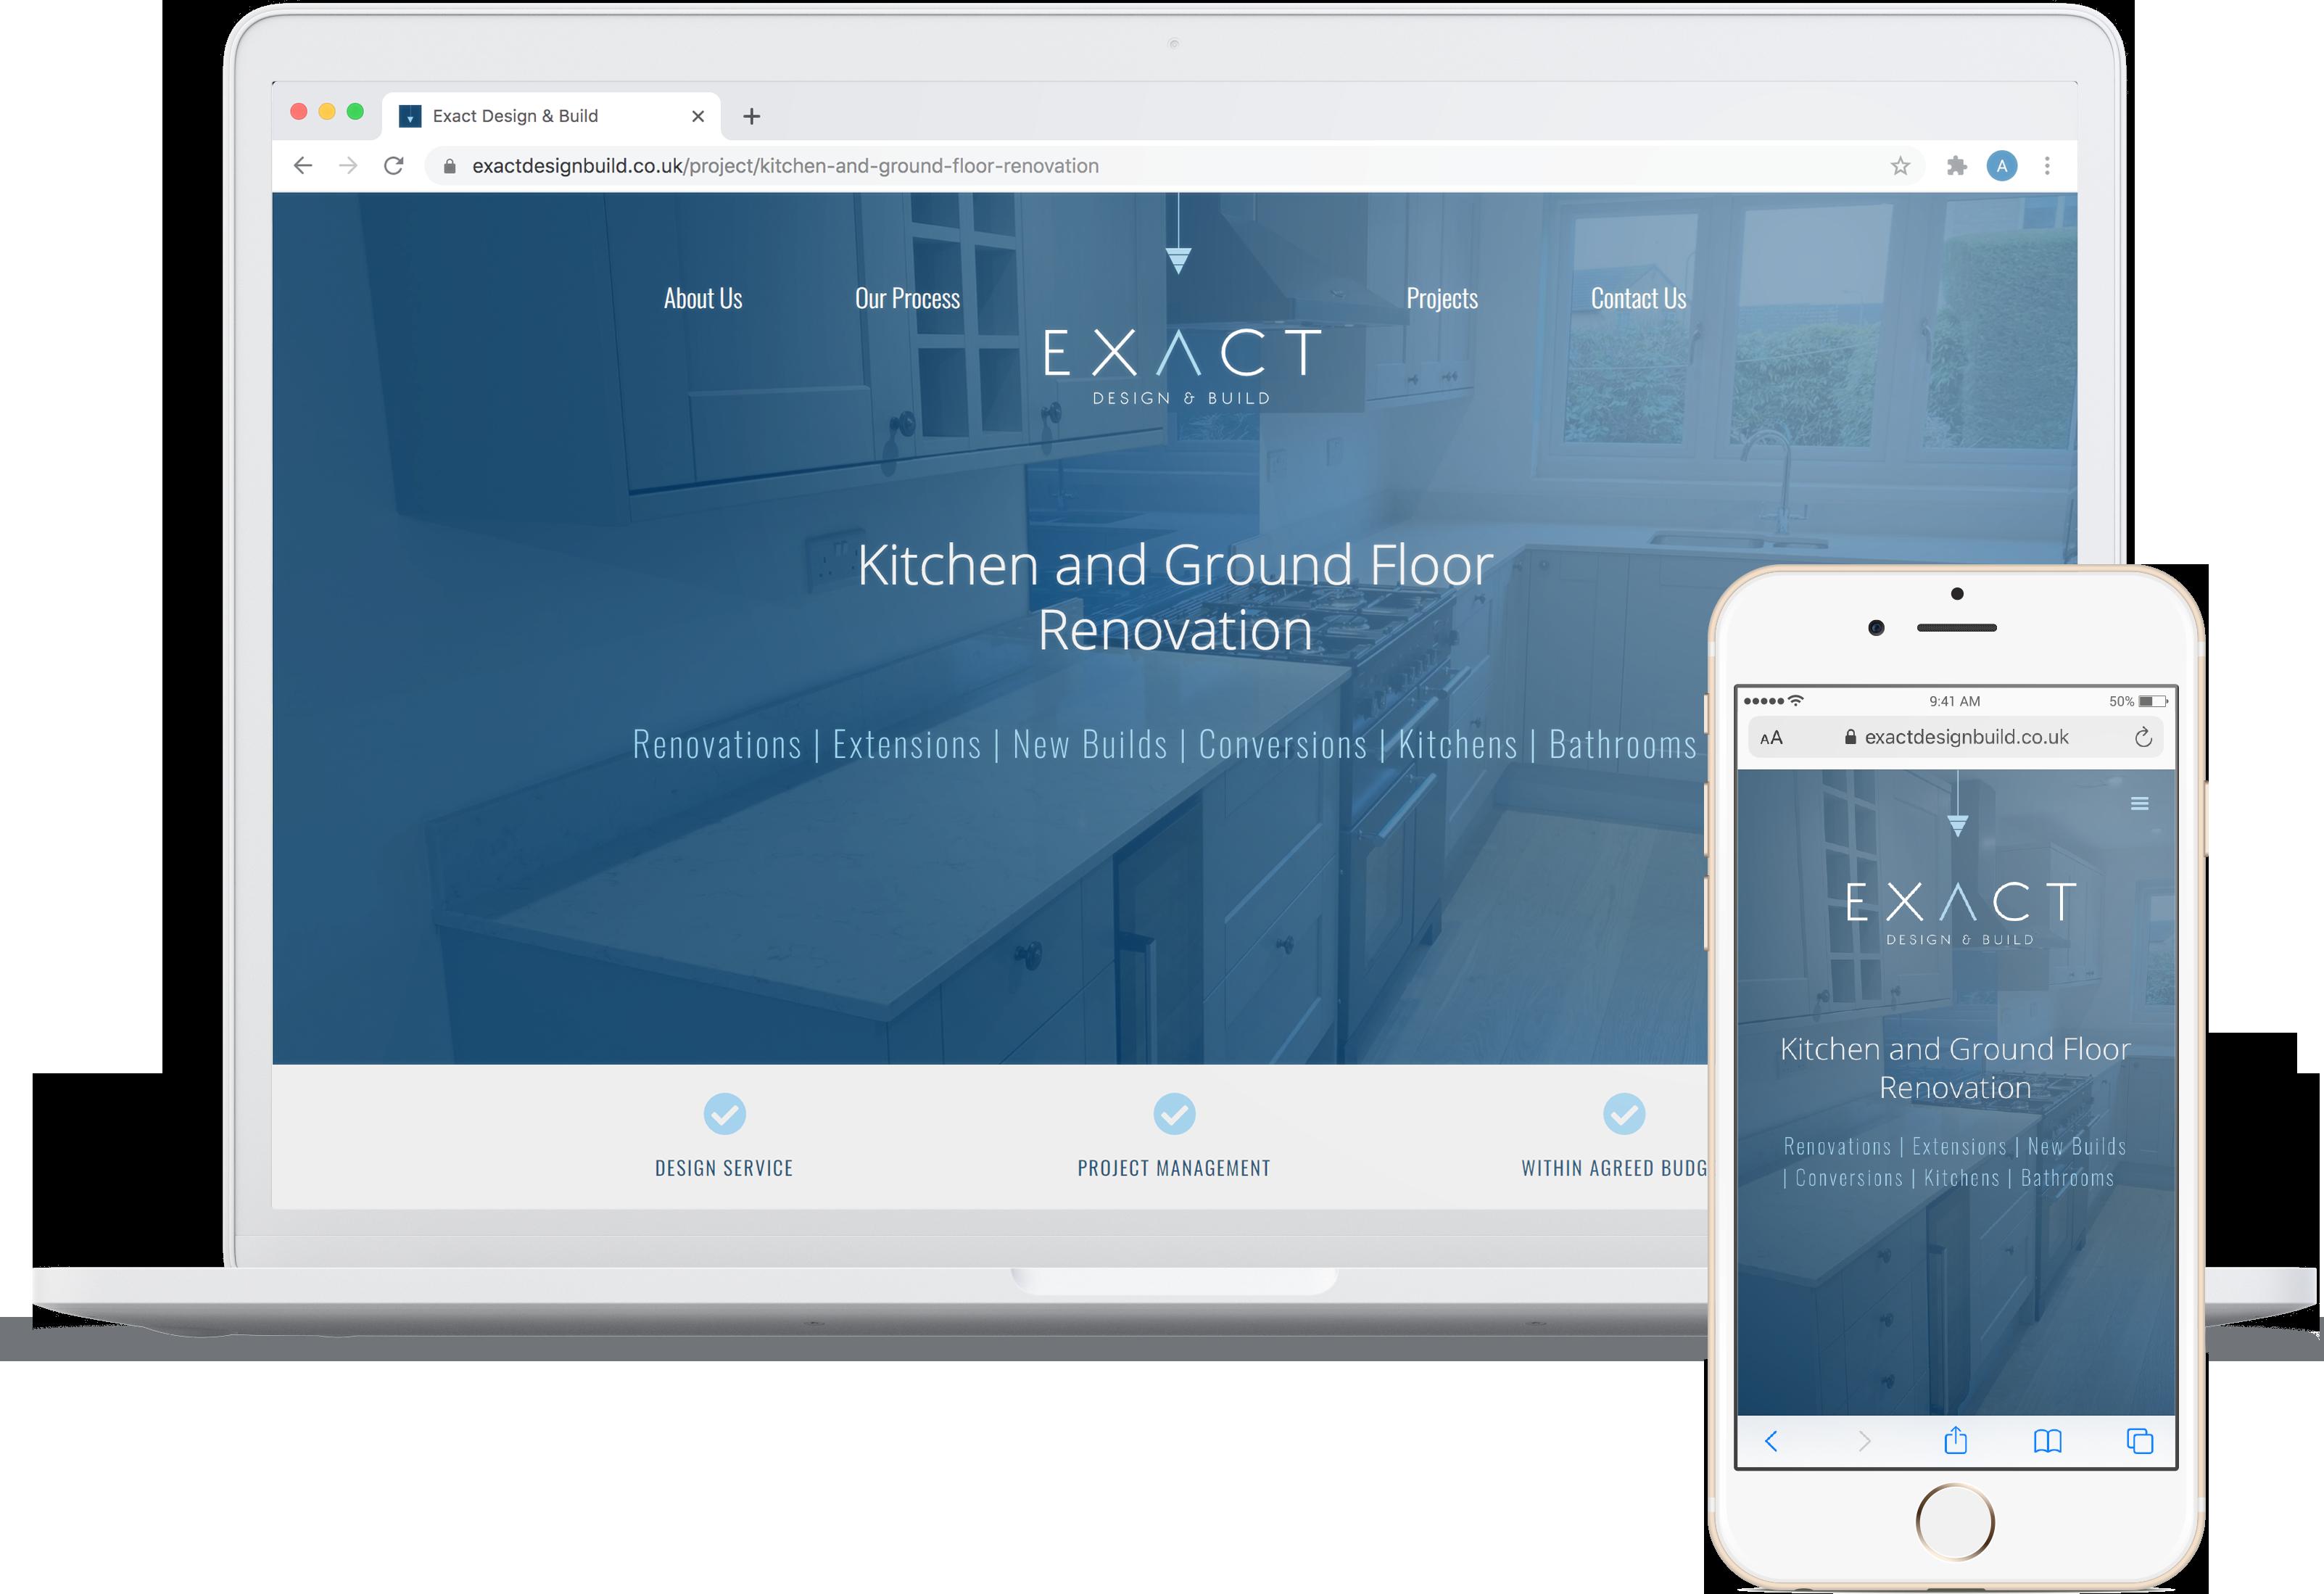 Exact Design & Build website